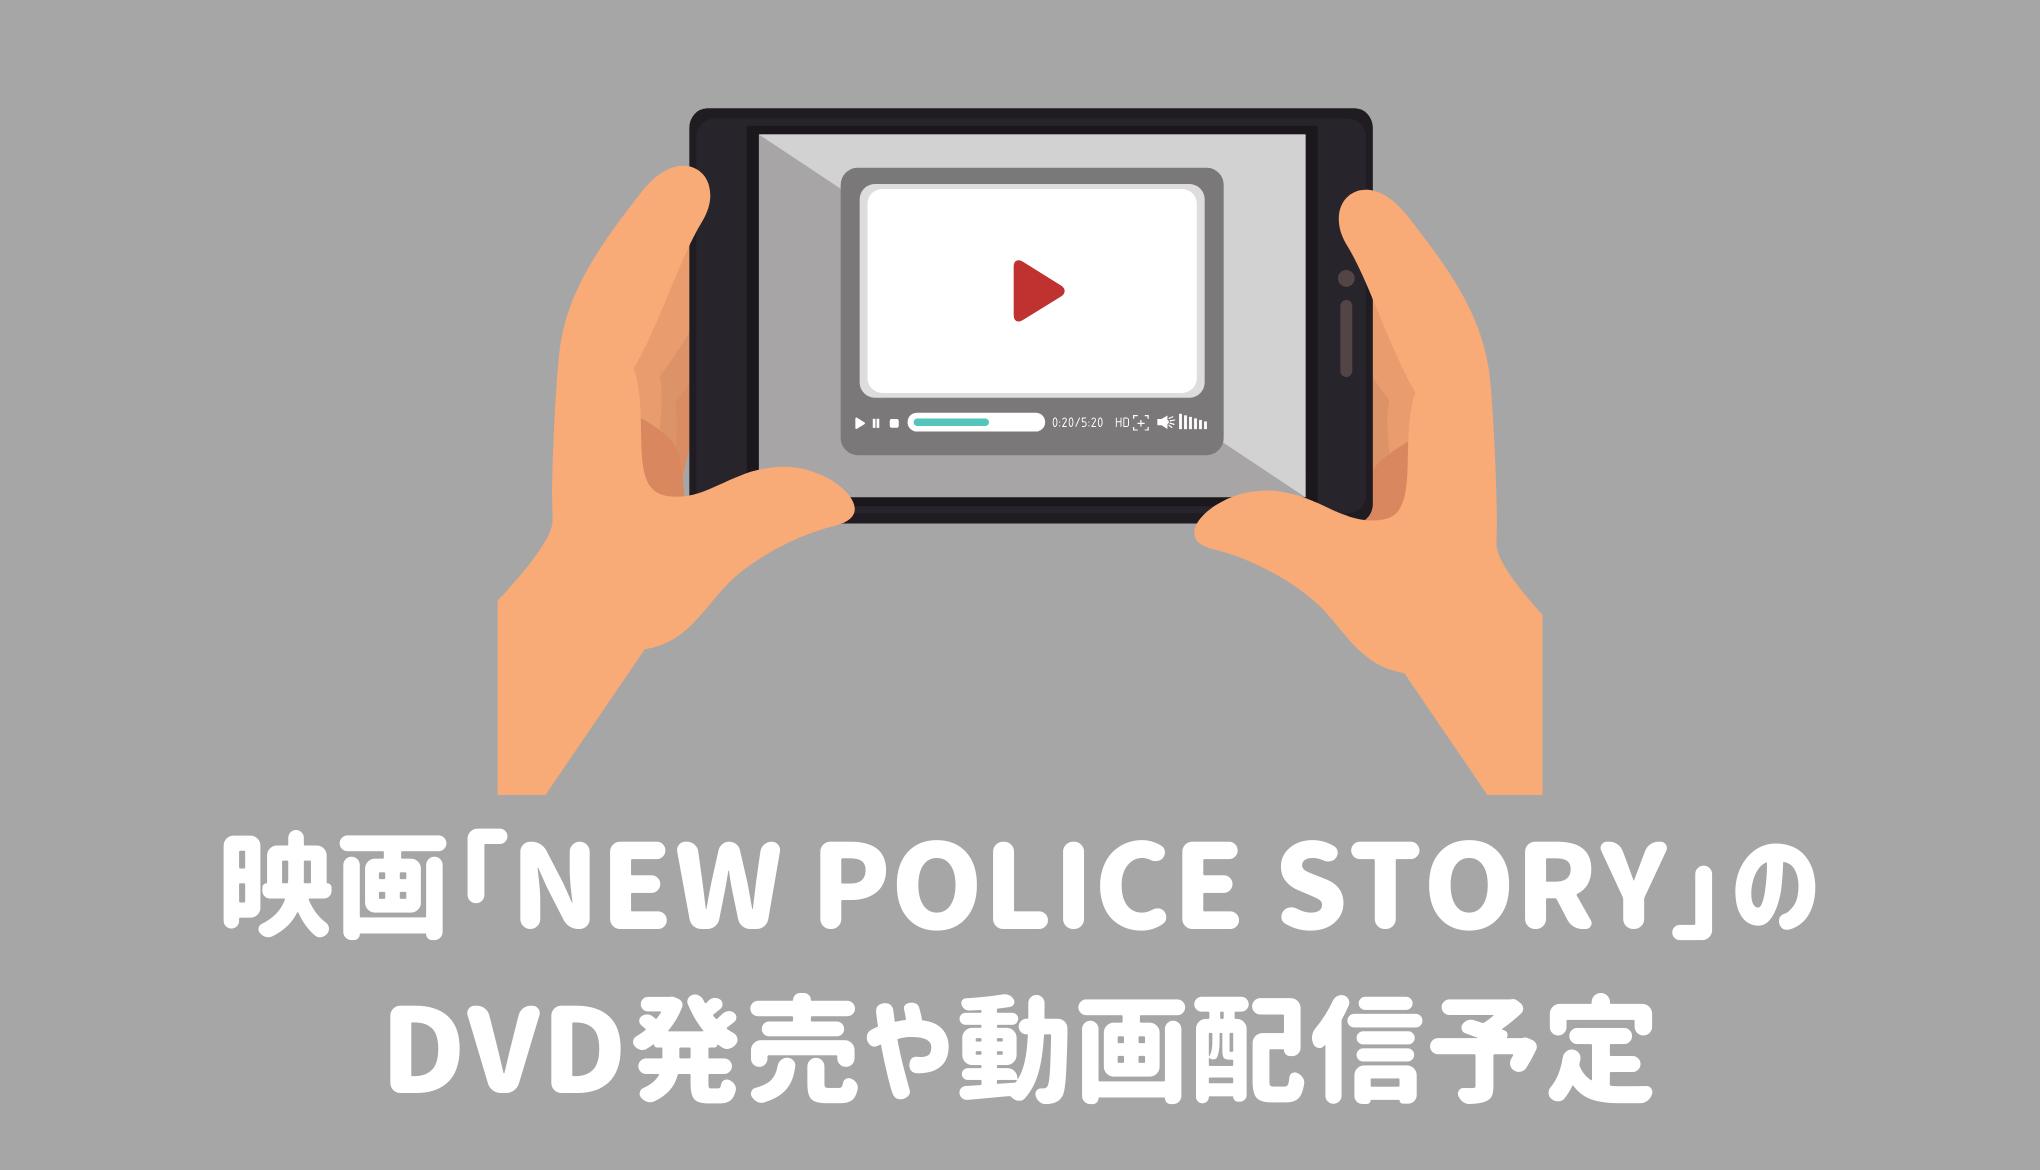 映画「香港国際警察/NEW POLICE STORY」のDVD発売や動画配信サービスをチェック